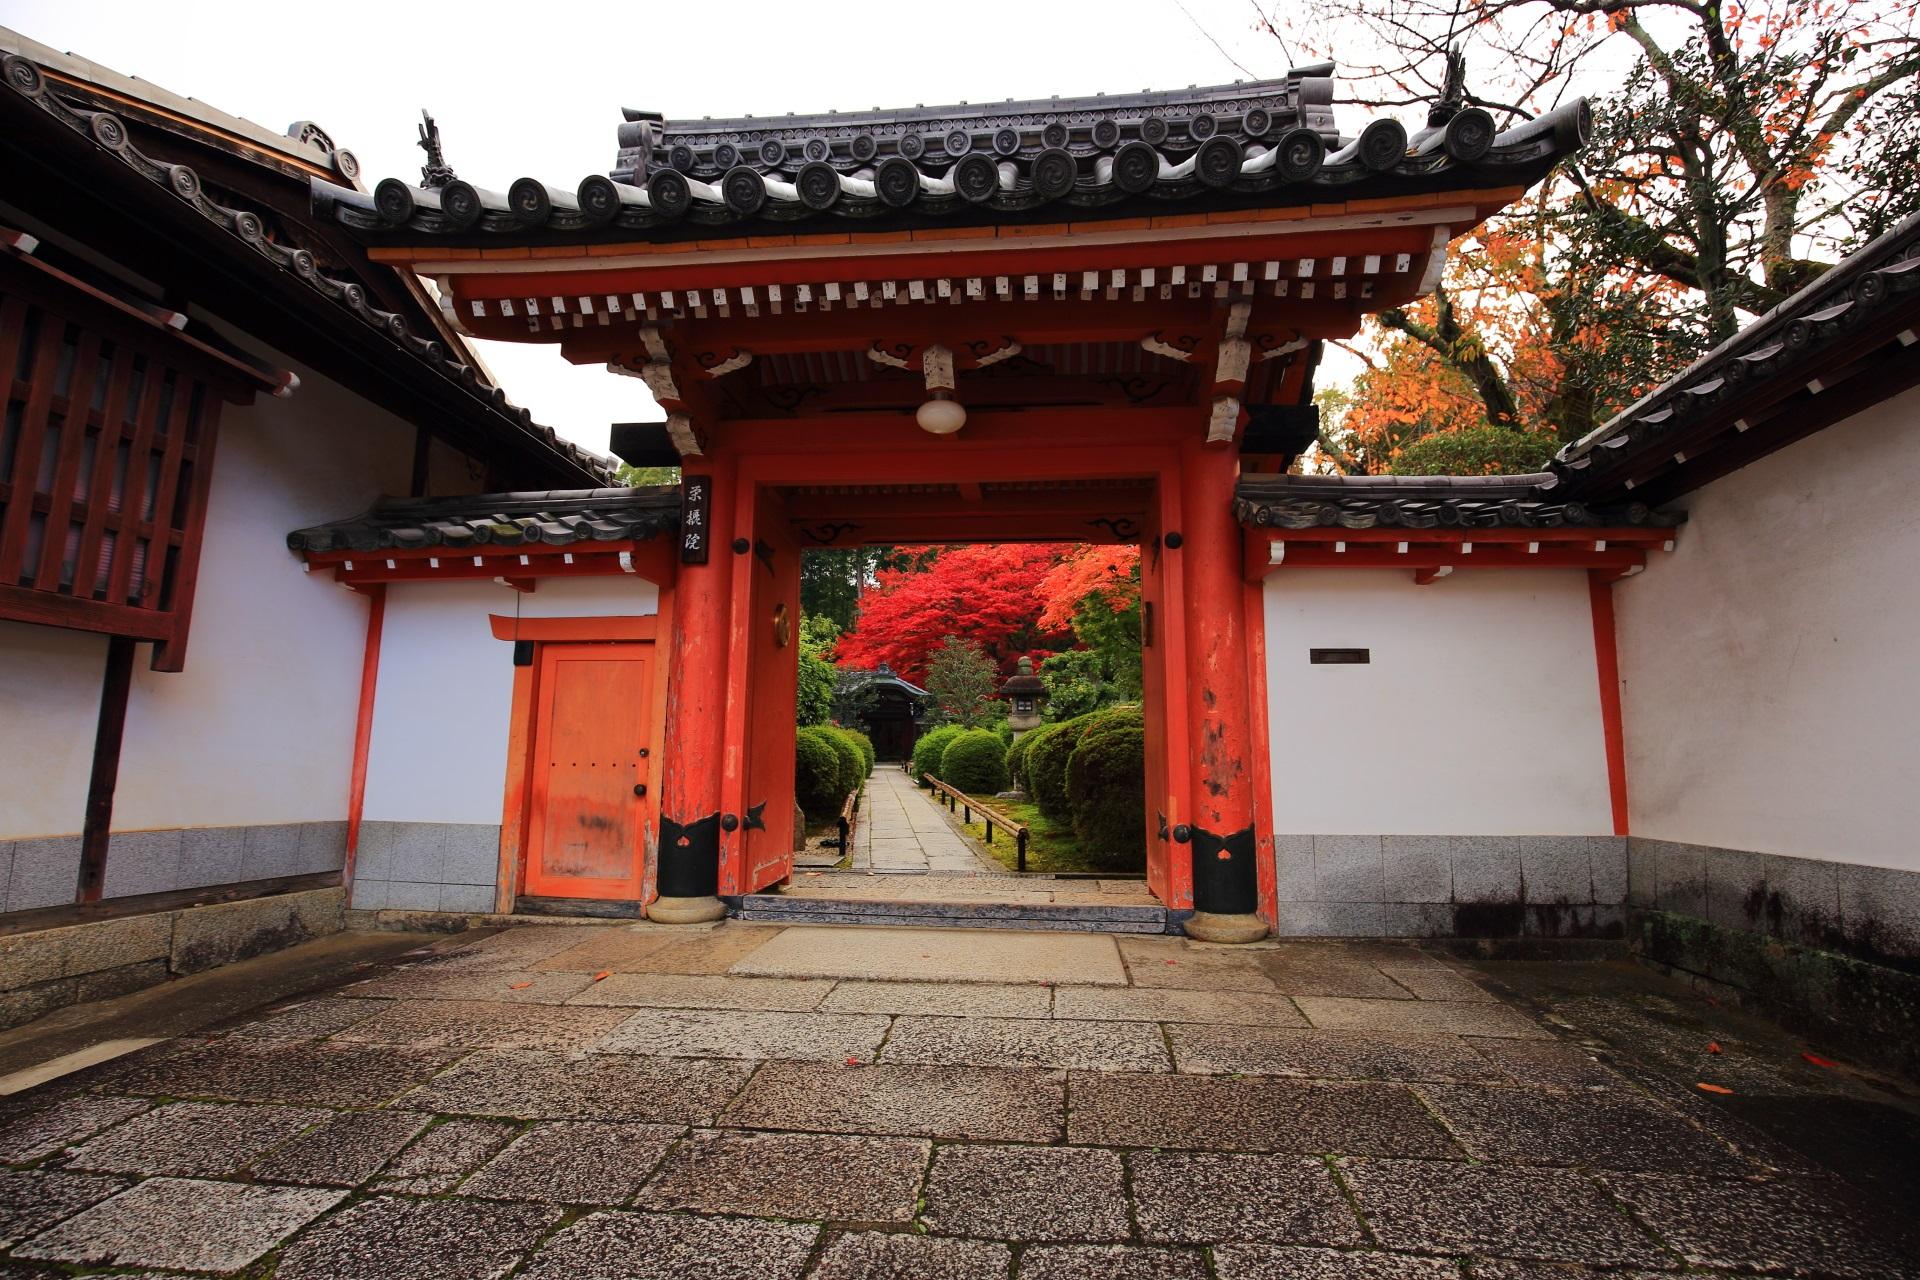 奥に鮮やかな紅葉が見える朱色の上品な表門(山門)